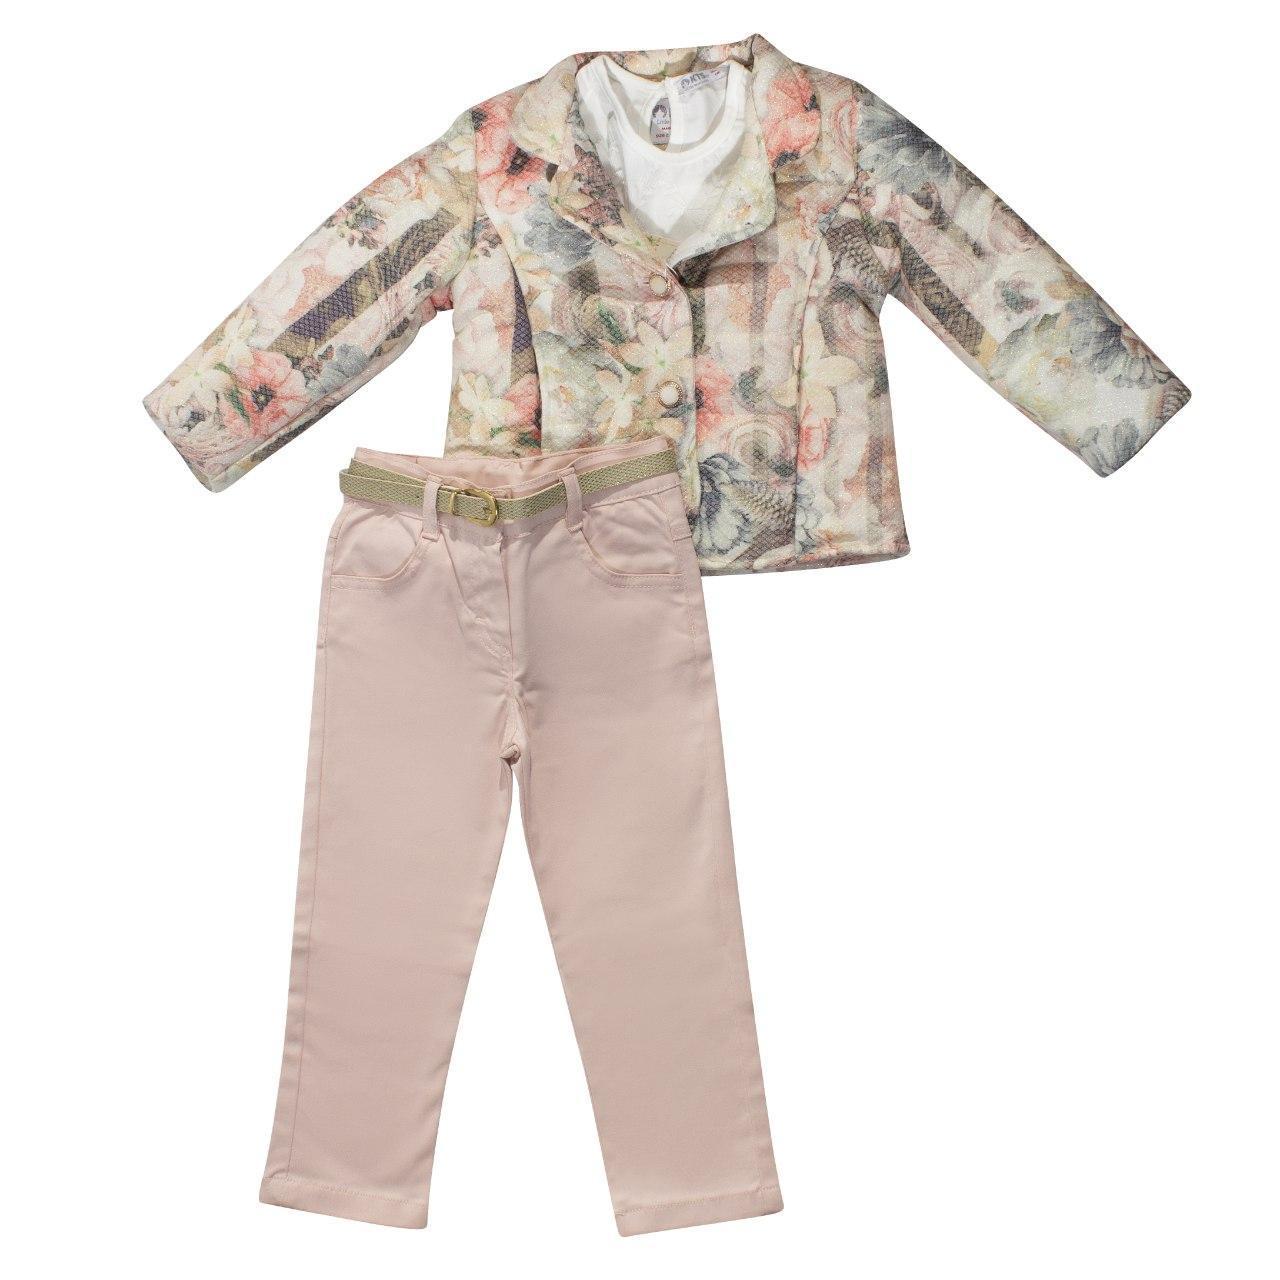 Куртка, футболка и штаны для девочки, размеры 3, 4 года, 5 лет